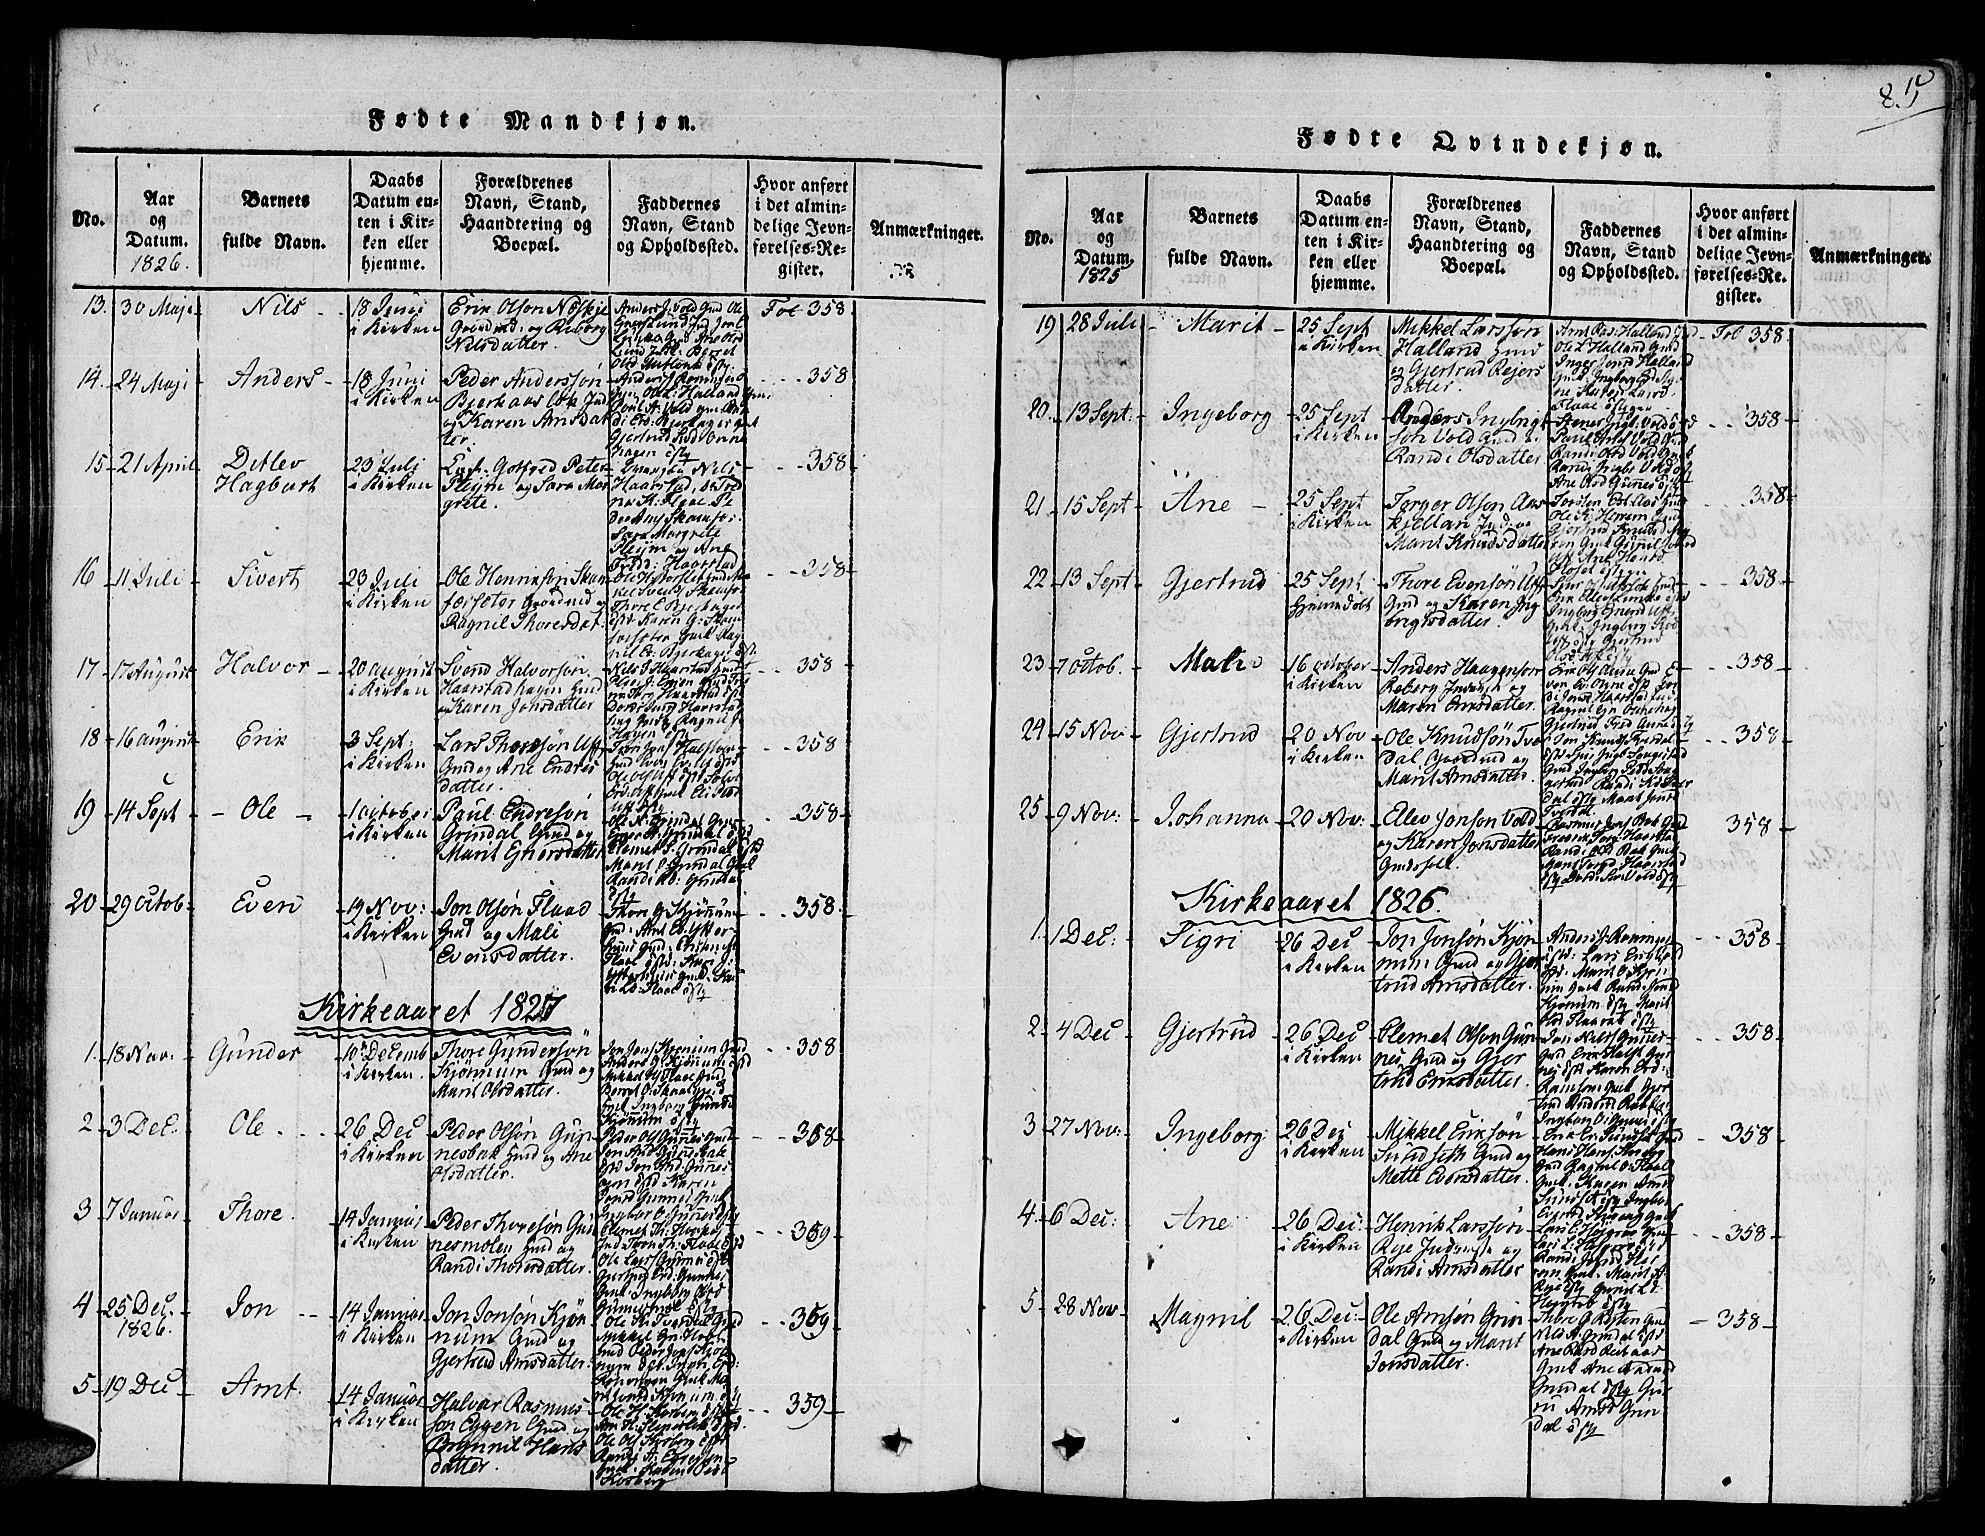 SAT, Ministerialprotokoller, klokkerbøker og fødselsregistre - Sør-Trøndelag, 672/L0854: Ministerialbok nr. 672A06 /2, 1816-1829, s. 85